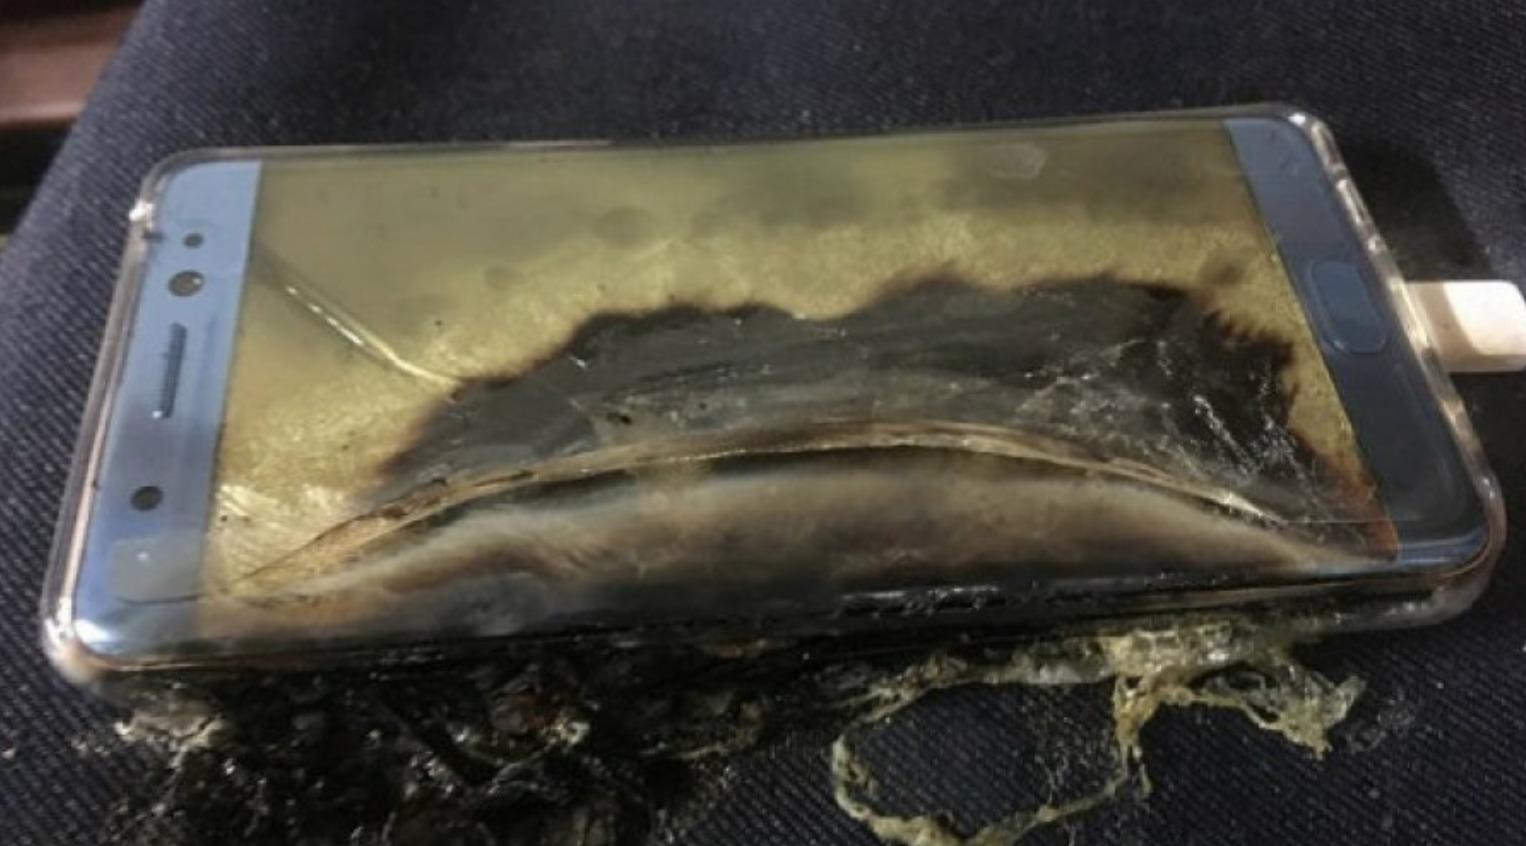 Samsung responde sobre el Galaxy que estalló en México y causó quemaduras